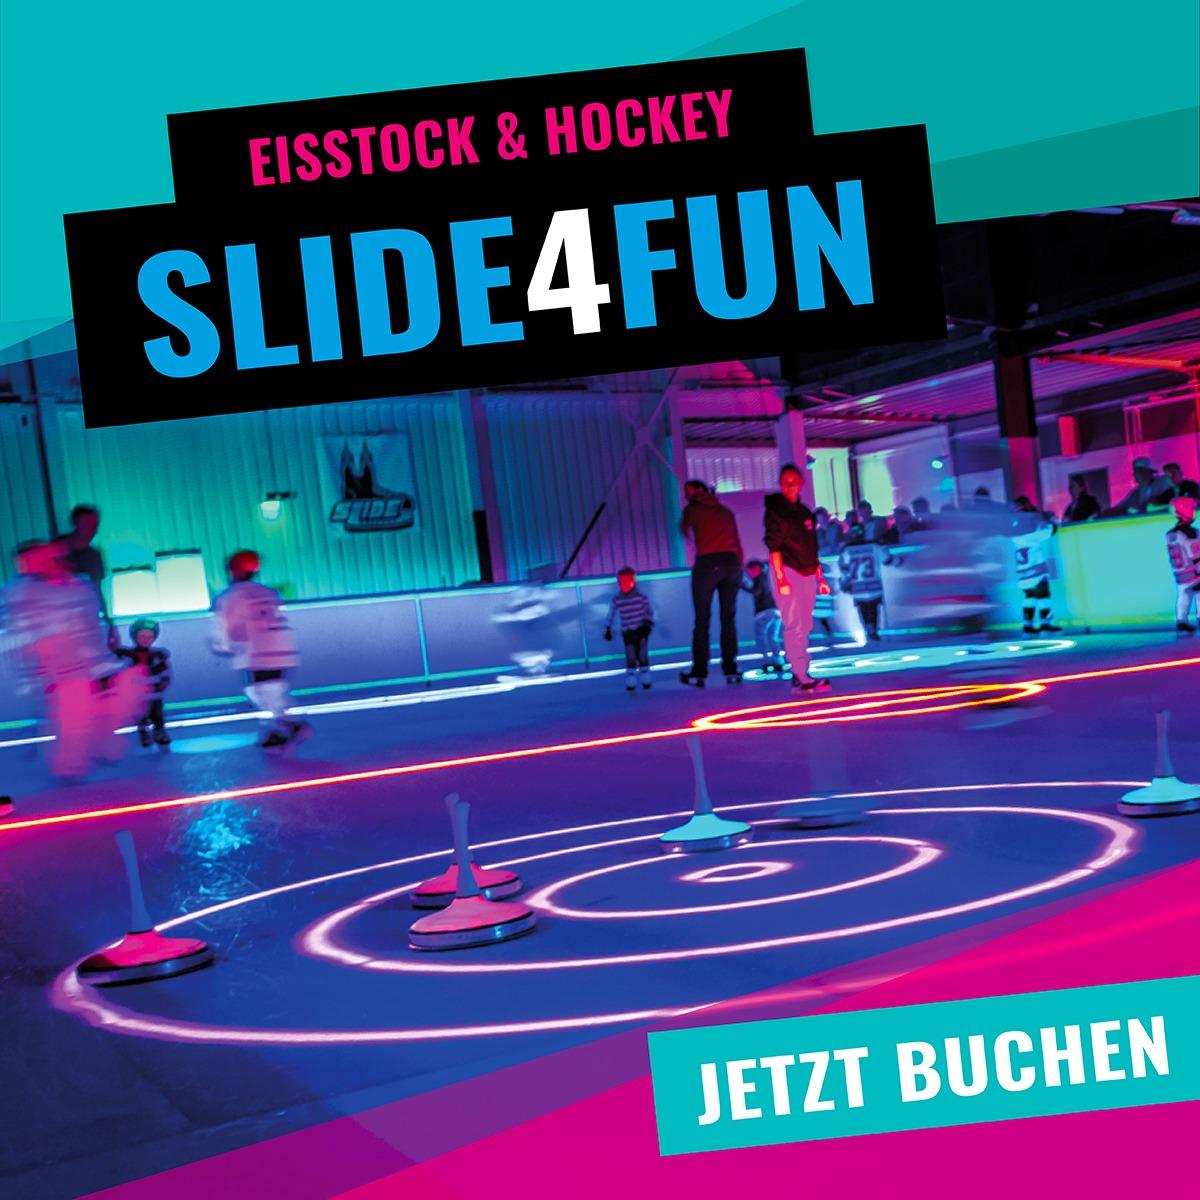 SLIDE COLOGNE Angebotsteaaser Schwarzlicht Eishockey und Eisstock